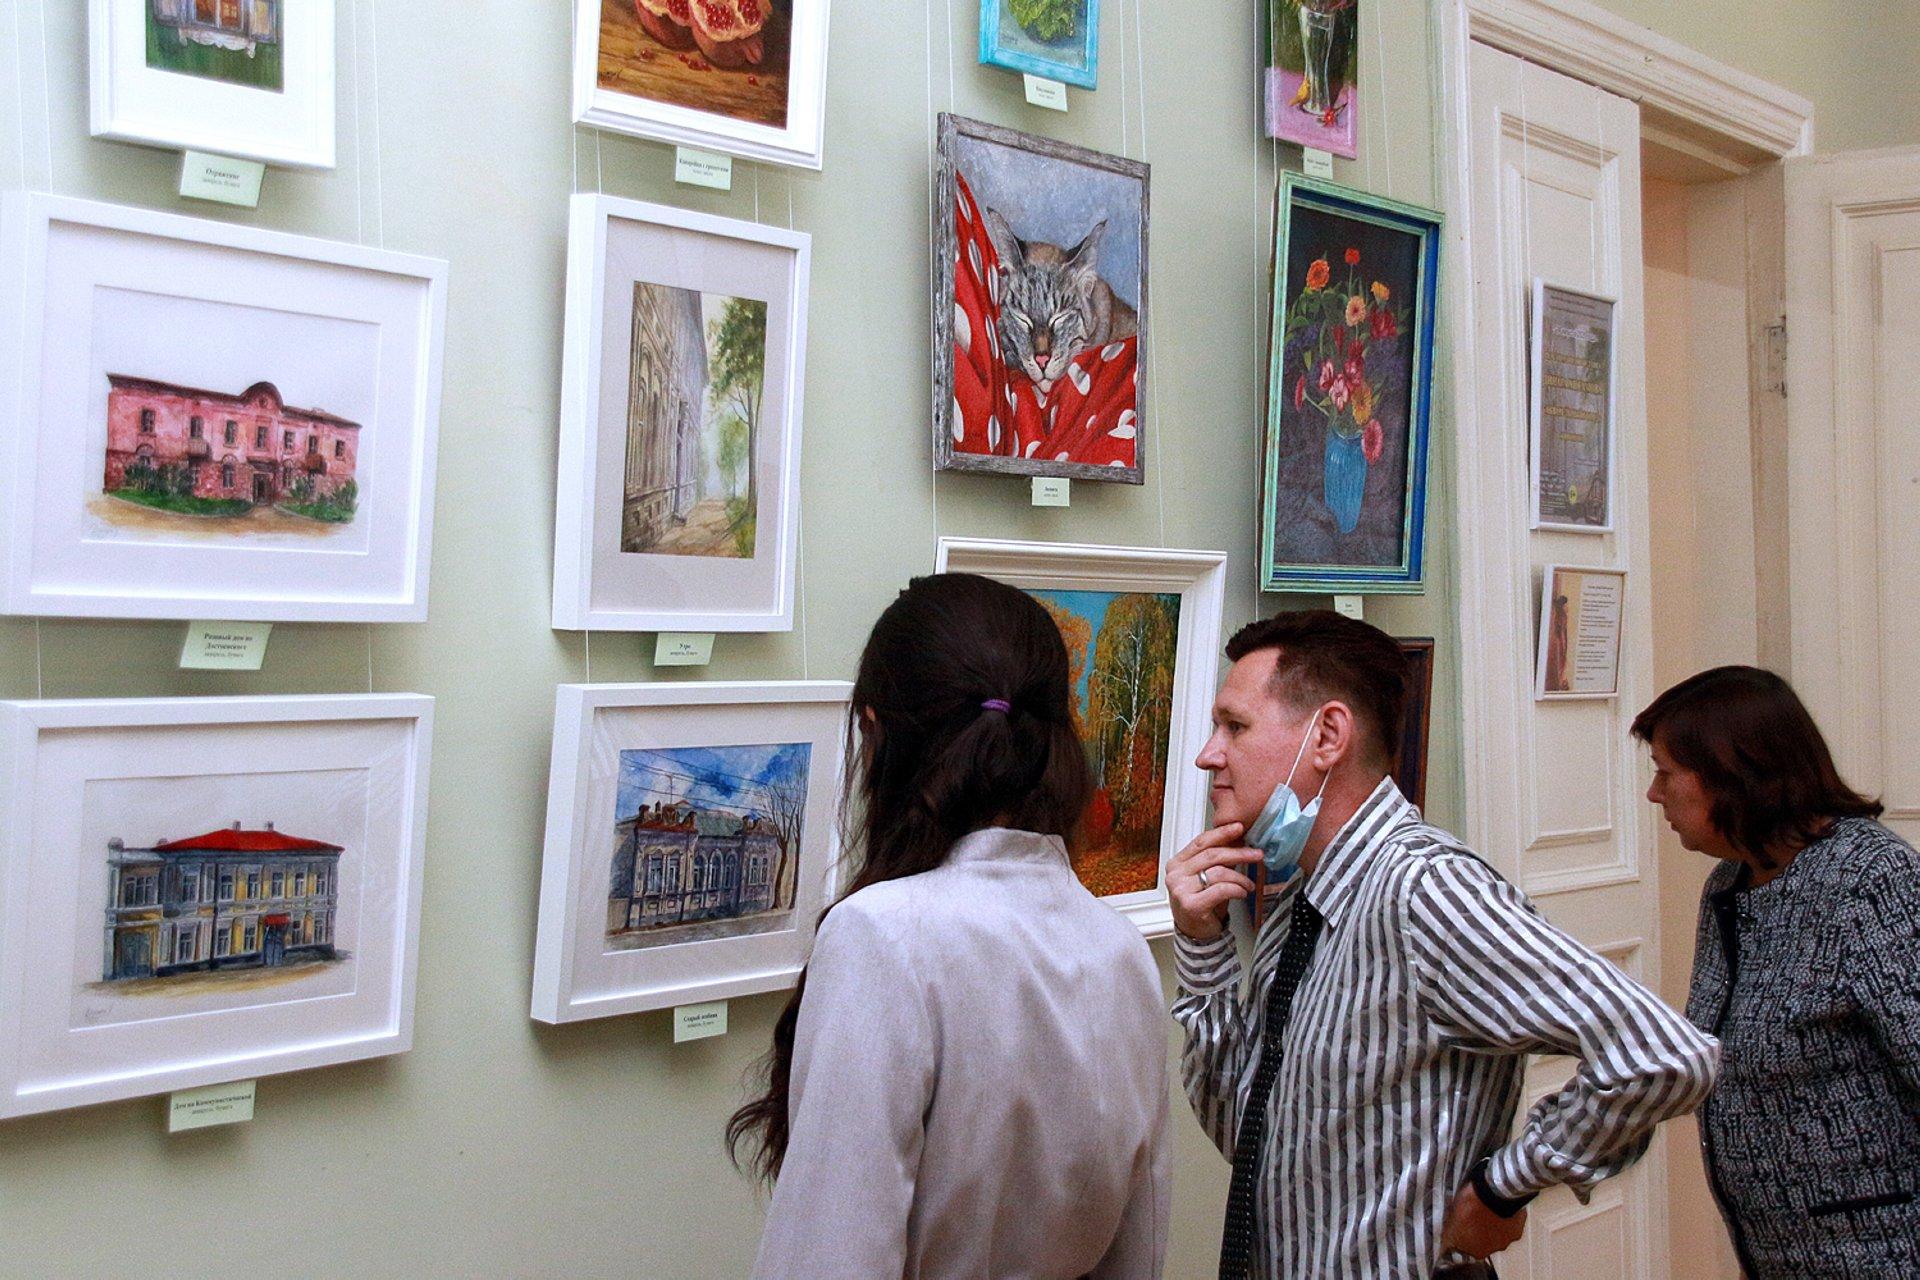 «Акварельный город. Живопись»: персональная выставка Динары Хисамовой